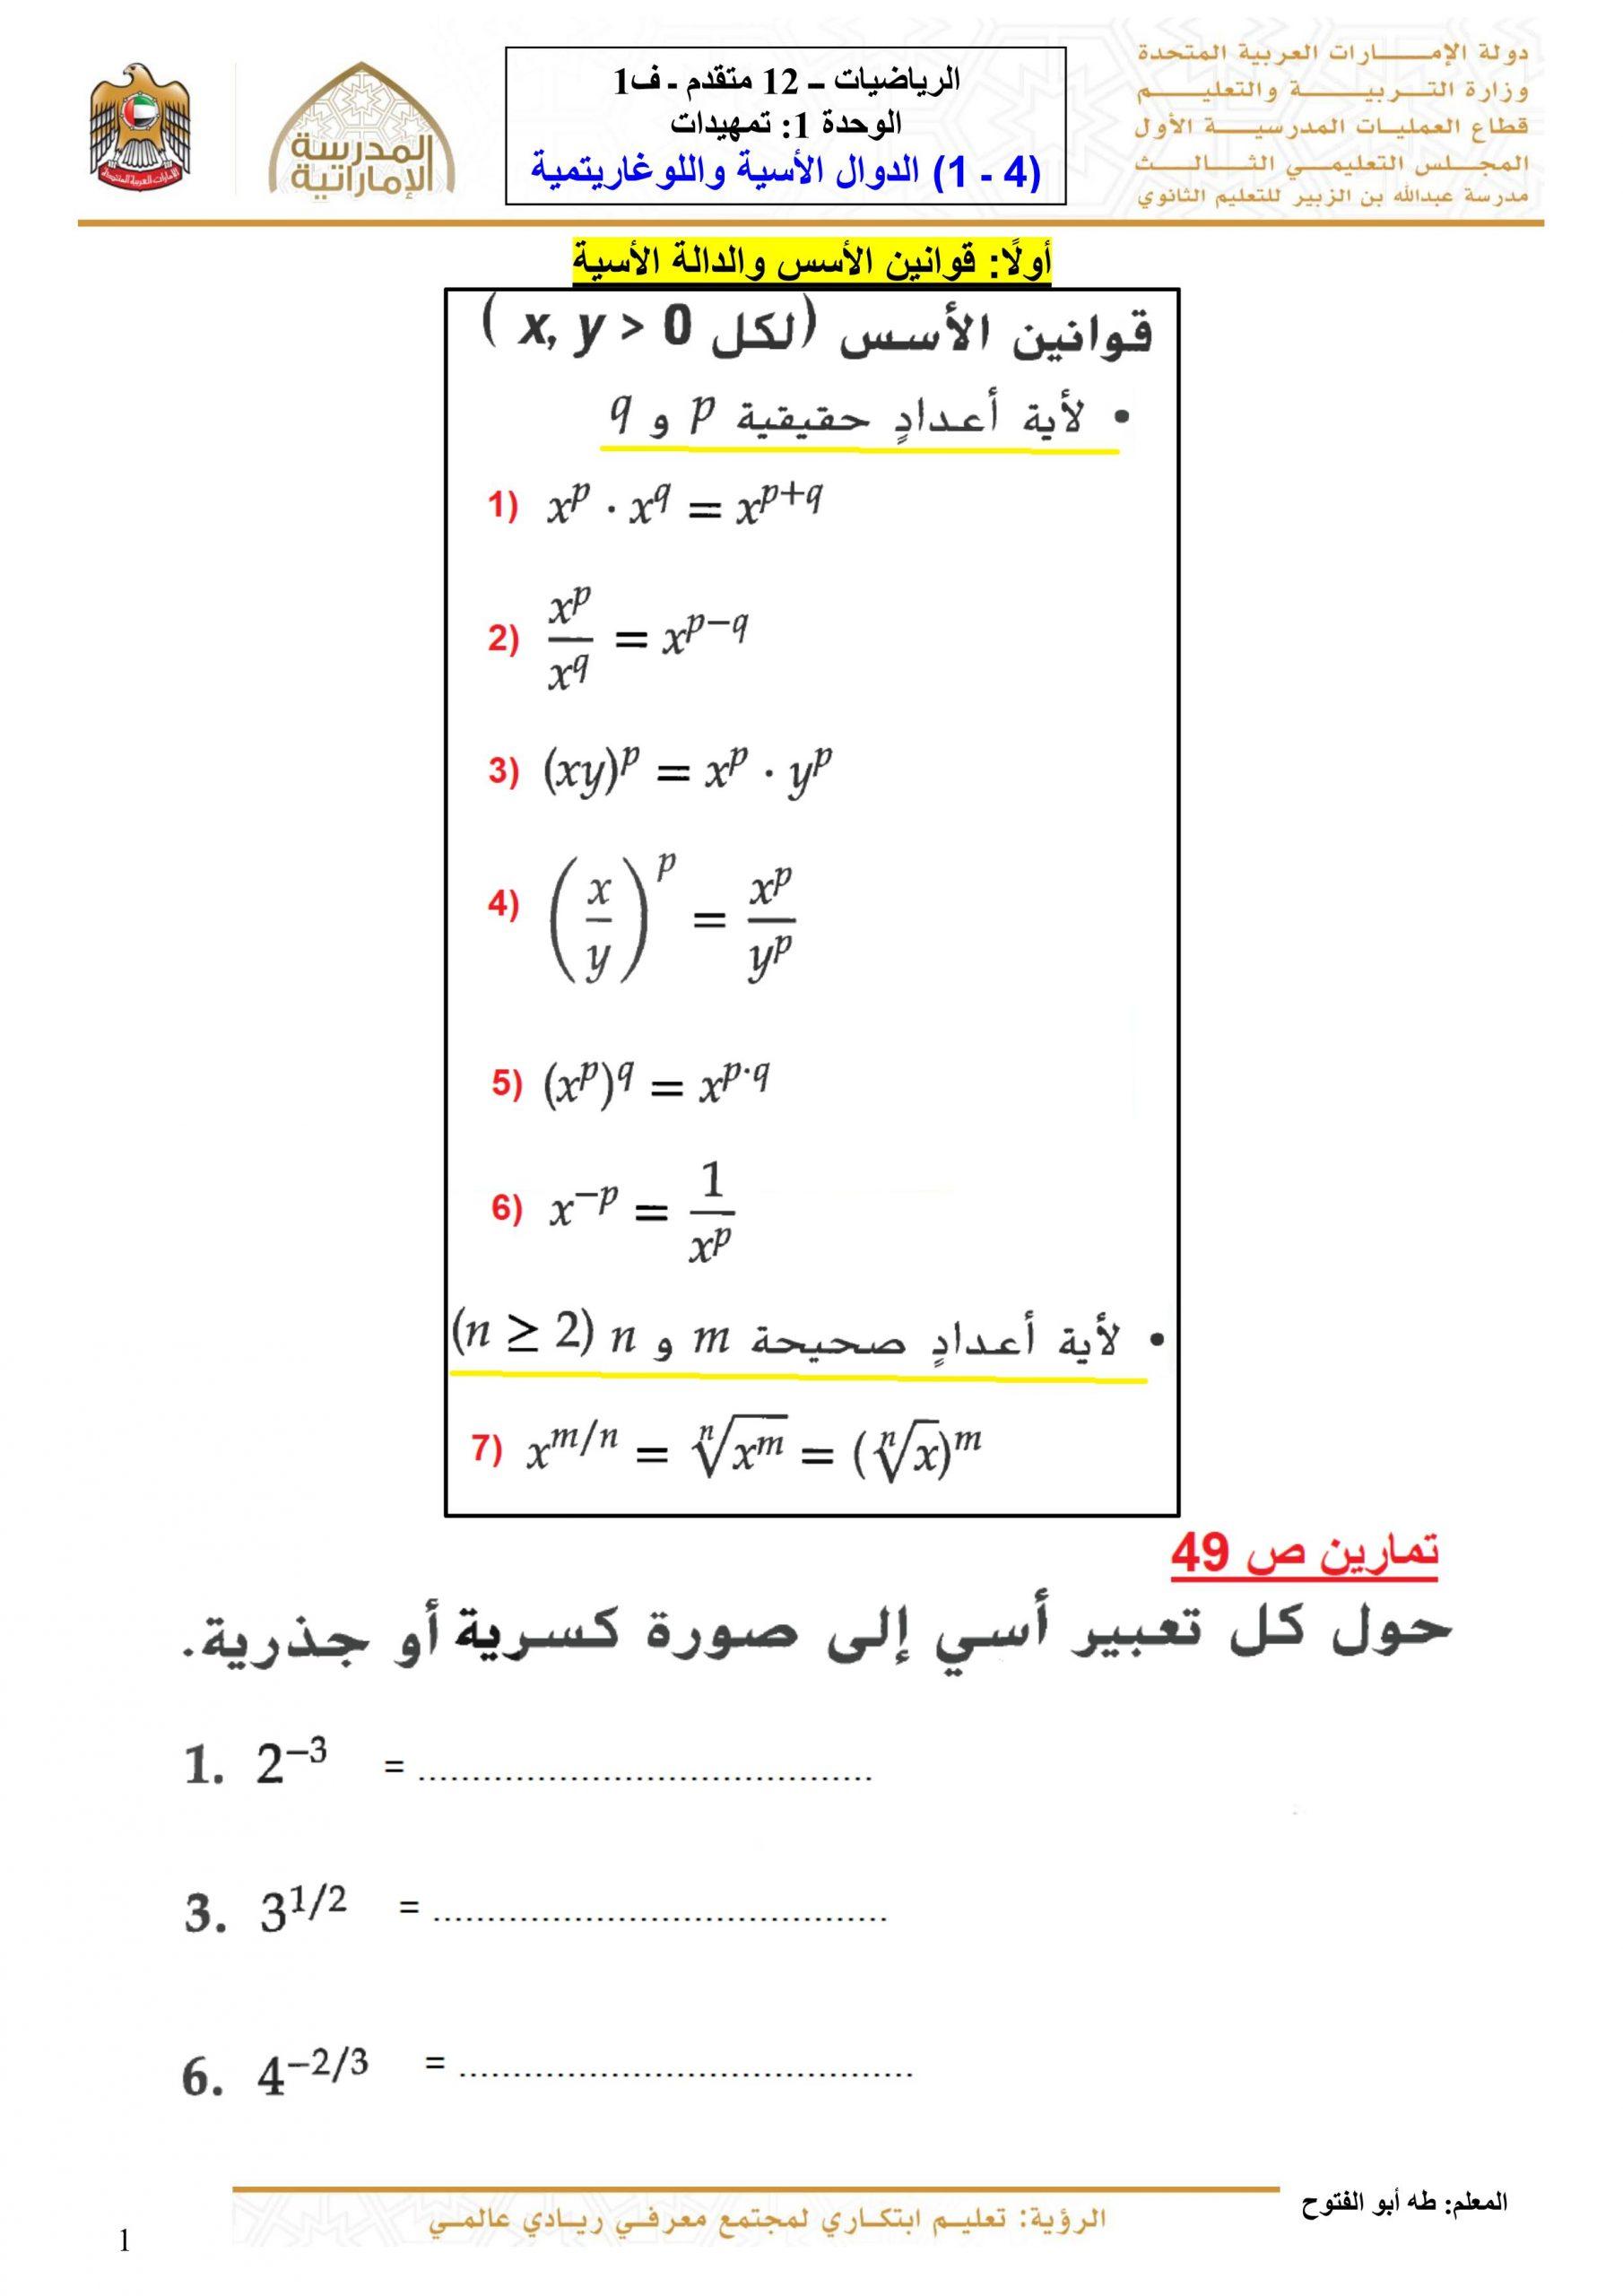 اوراق عمل الدوال الأسية واللوغاريتمية للصف الثاني عشر متقدم مادة الرياضيات المتكاملة